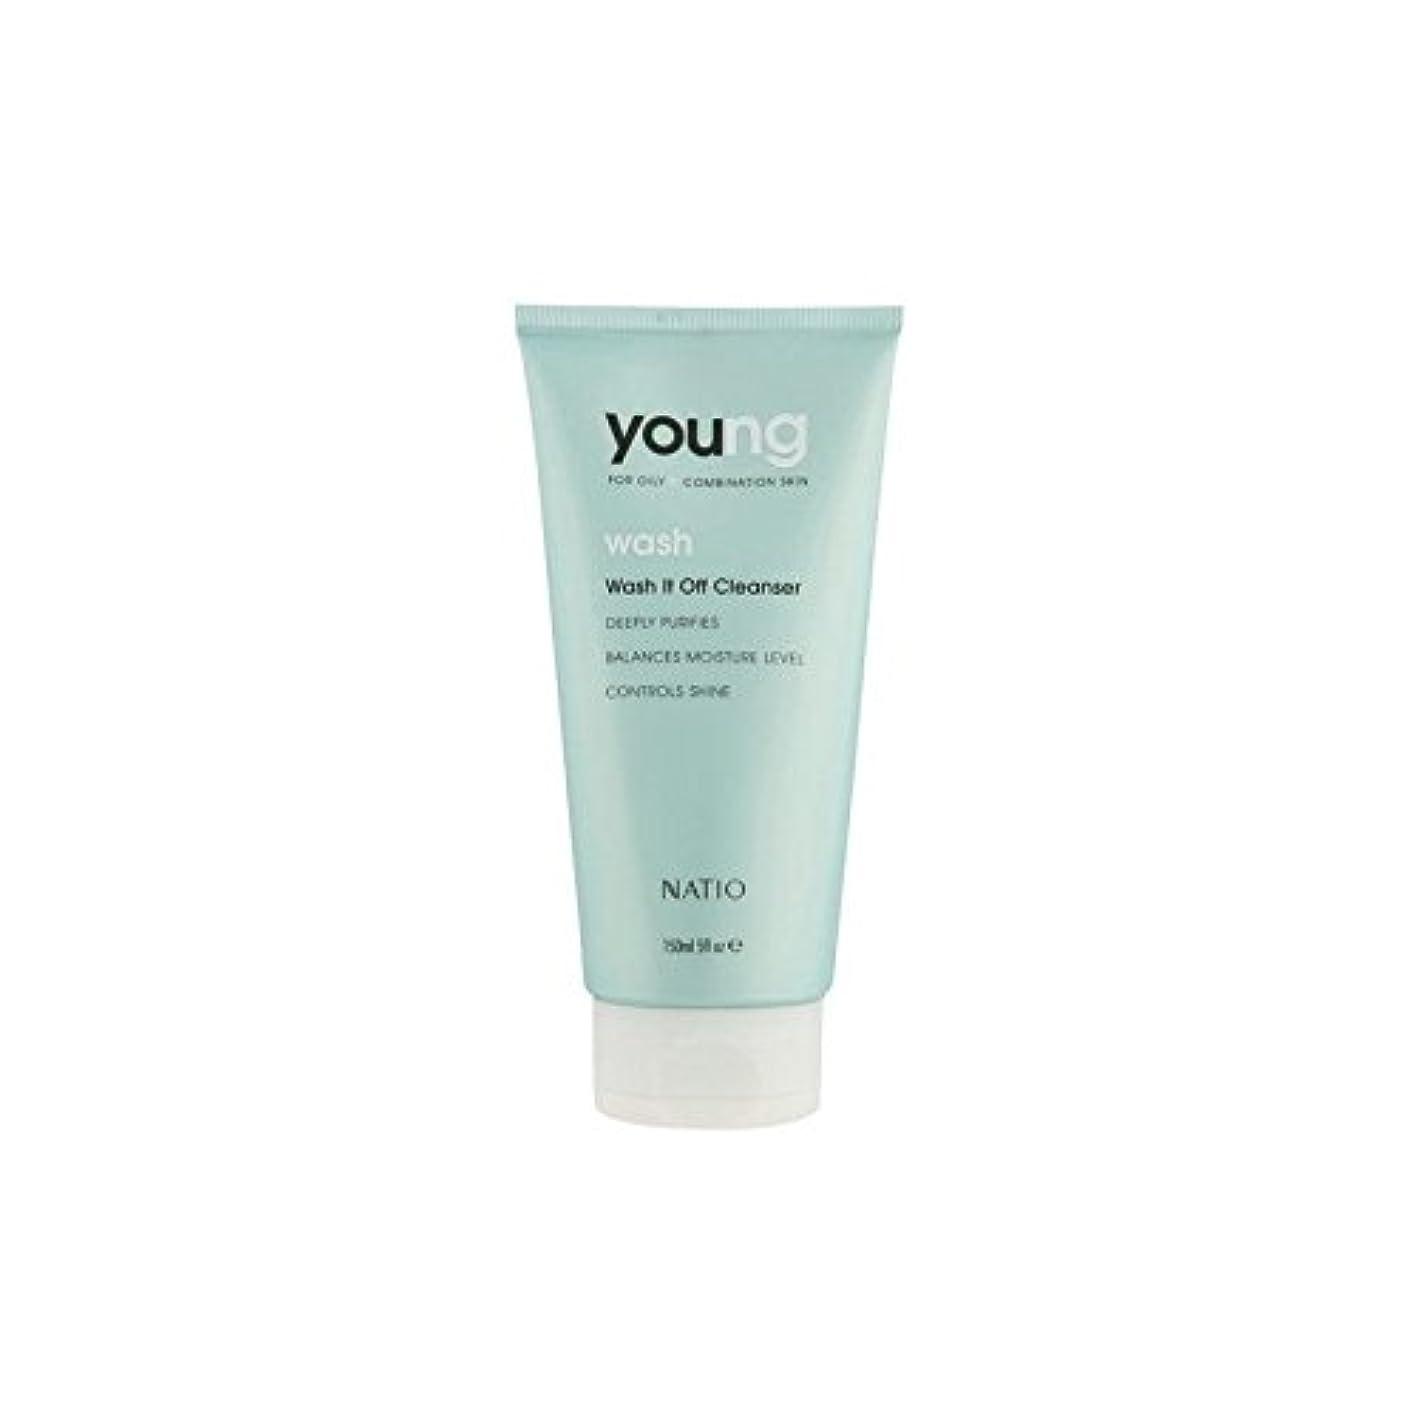 ライド宮殿テレマコスNatio Young Wash It Off Cleanser (150ml) - 若いウォッシュそれオフクレンザー(150ミリリットル) [並行輸入品]